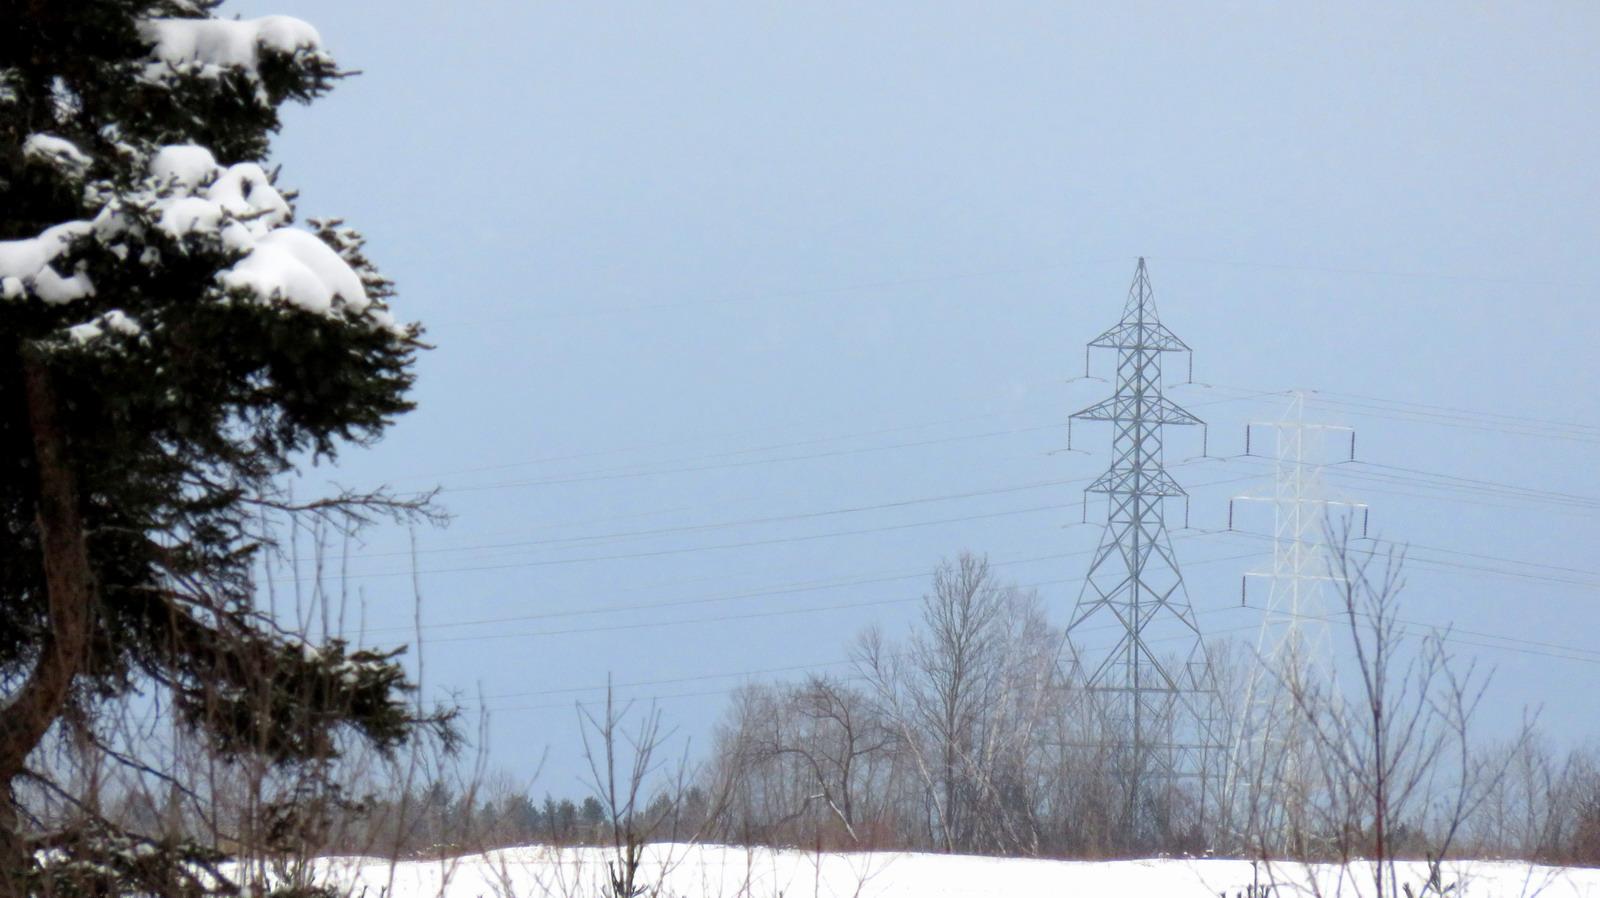 Le gars du lac et du parc temp rature id ale et neige douce - Temperature ideale maison ...